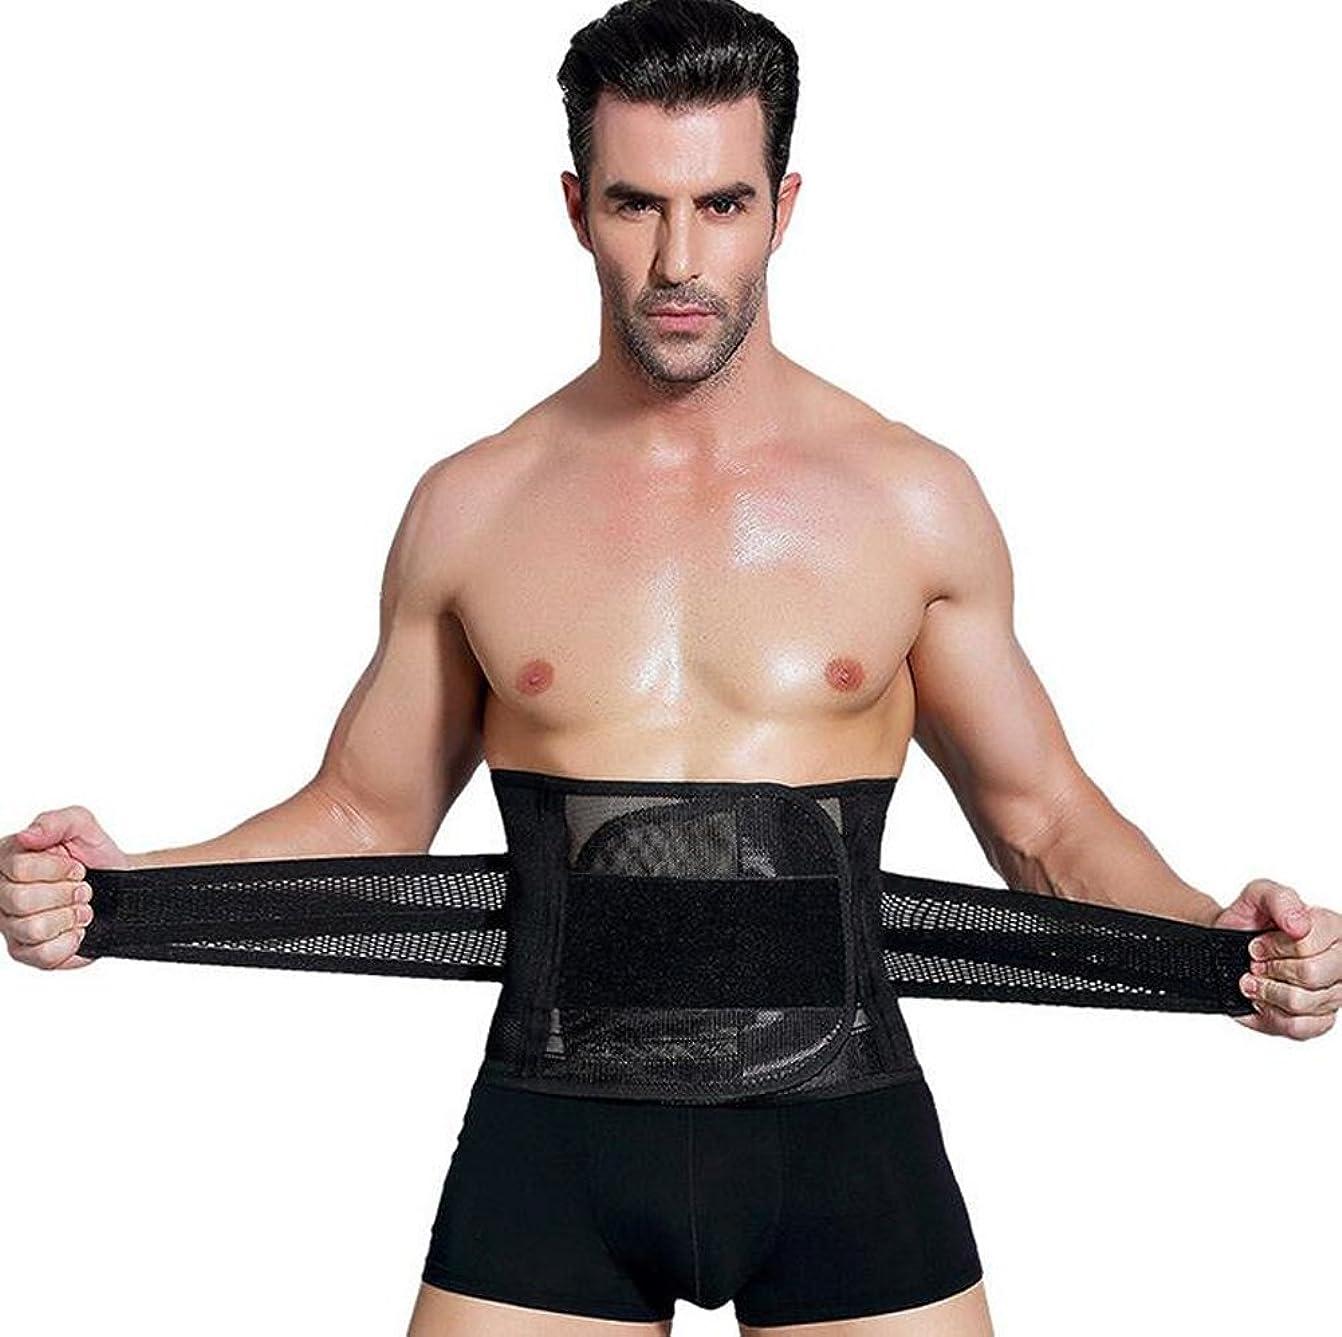 地震ペチコートしかし[RSWHYY] メンズ ウエストトリマーベルト 二重加圧 腰痛予防 腹巻 ダイエットベルト 姿勢矯正